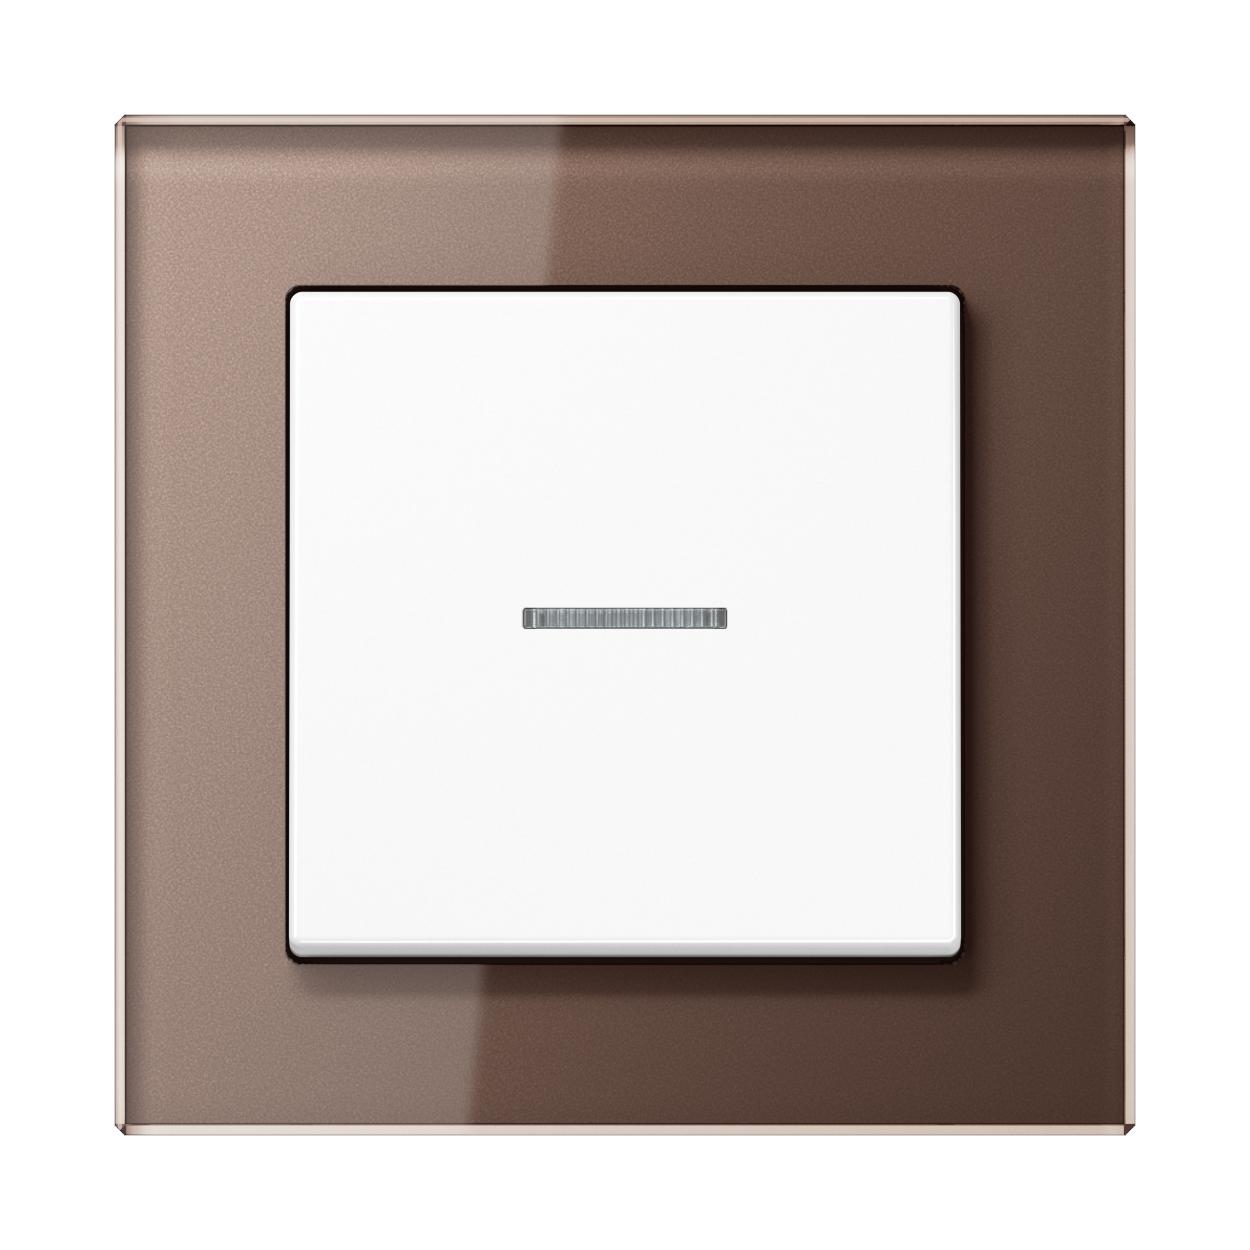 JUNG_AC_GL_mocha_switch-lense